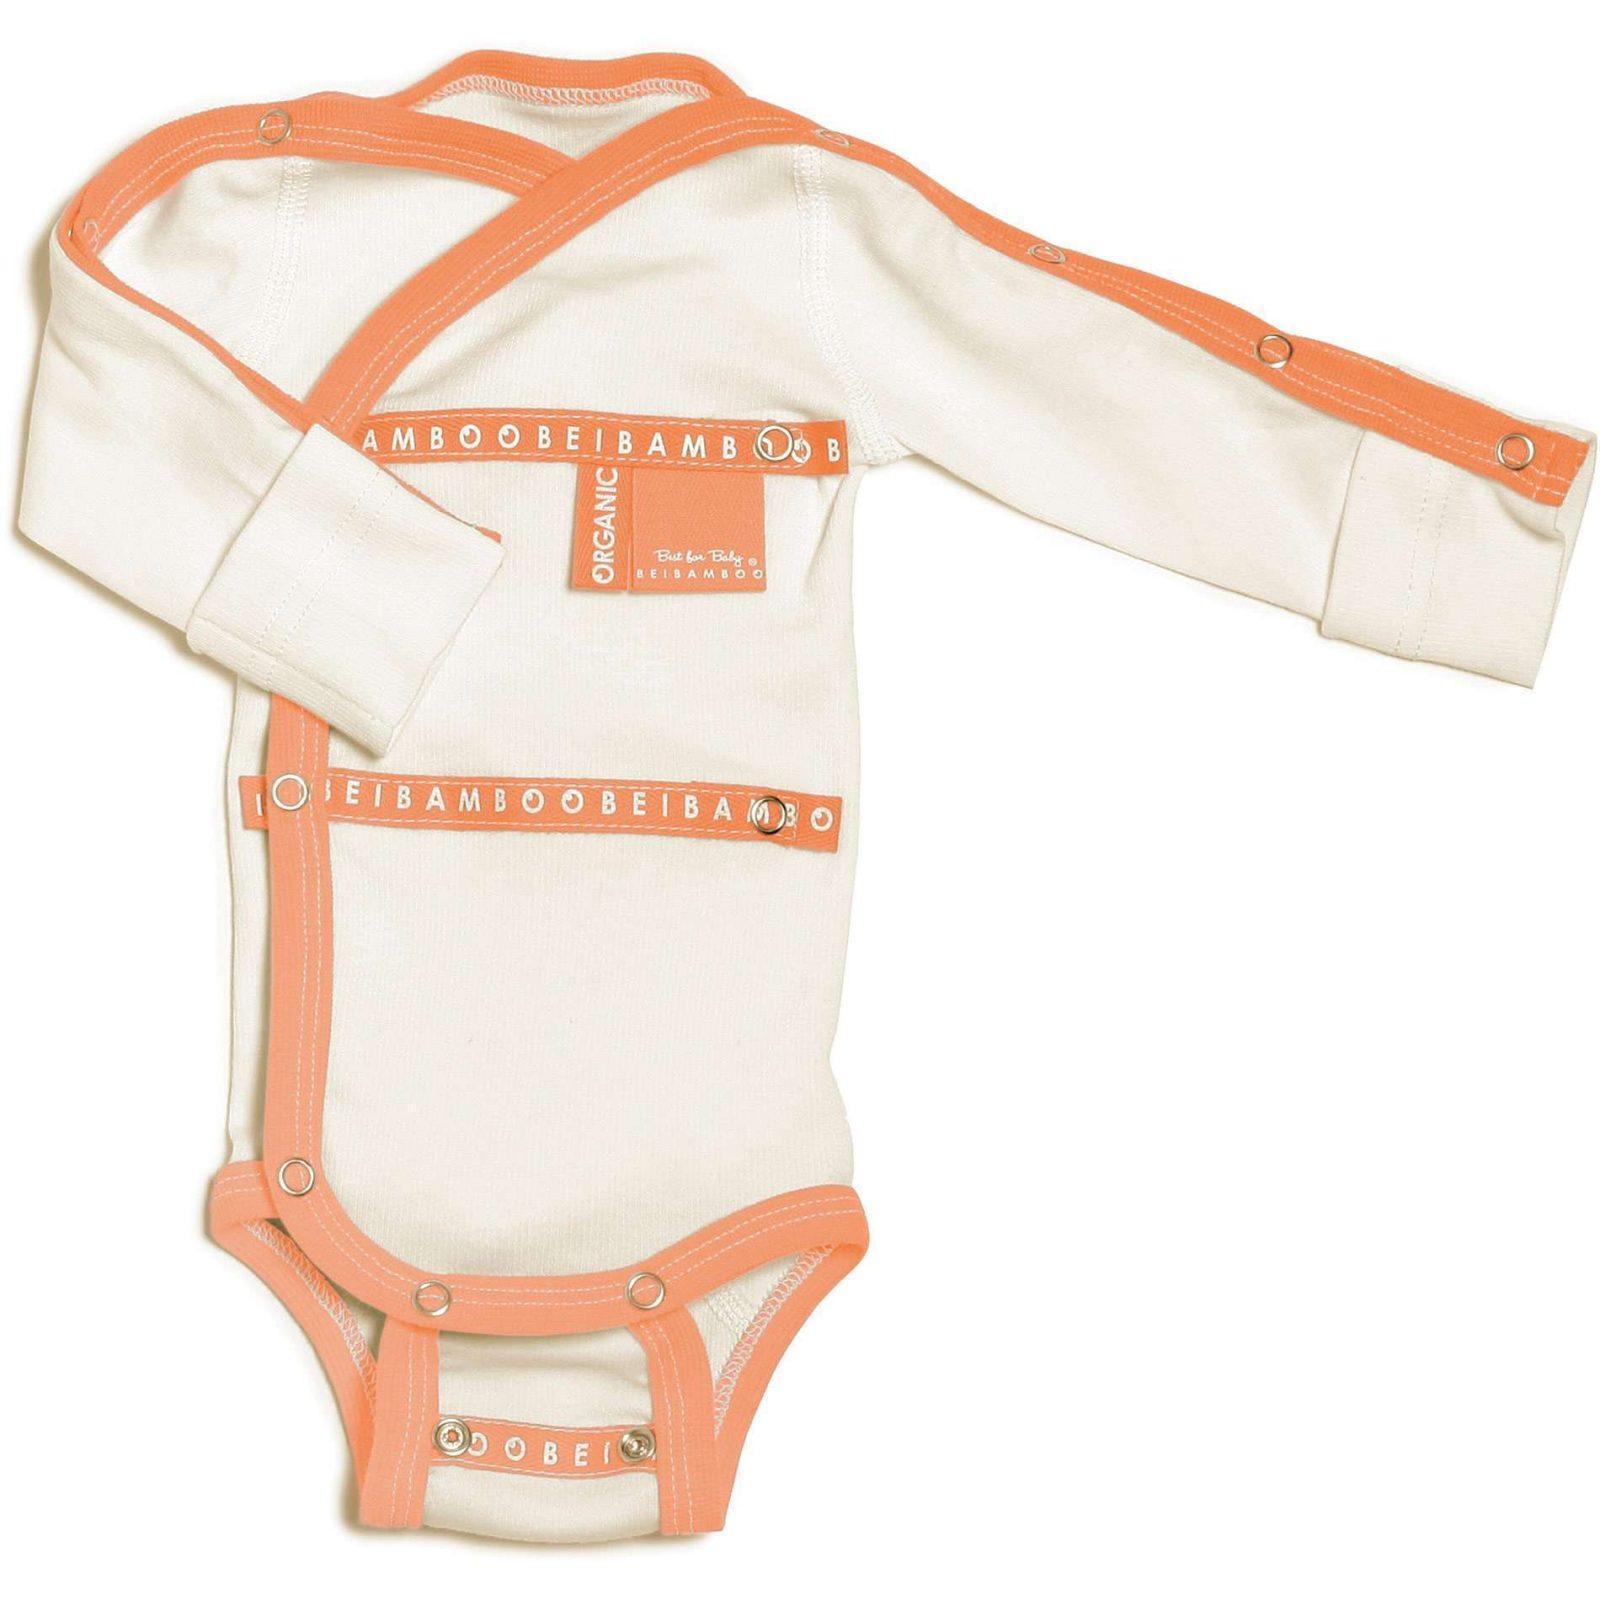 Beibamboo erbjuder snygga och prisvärda baby- & barnkläder online av hög kvalité. Orange